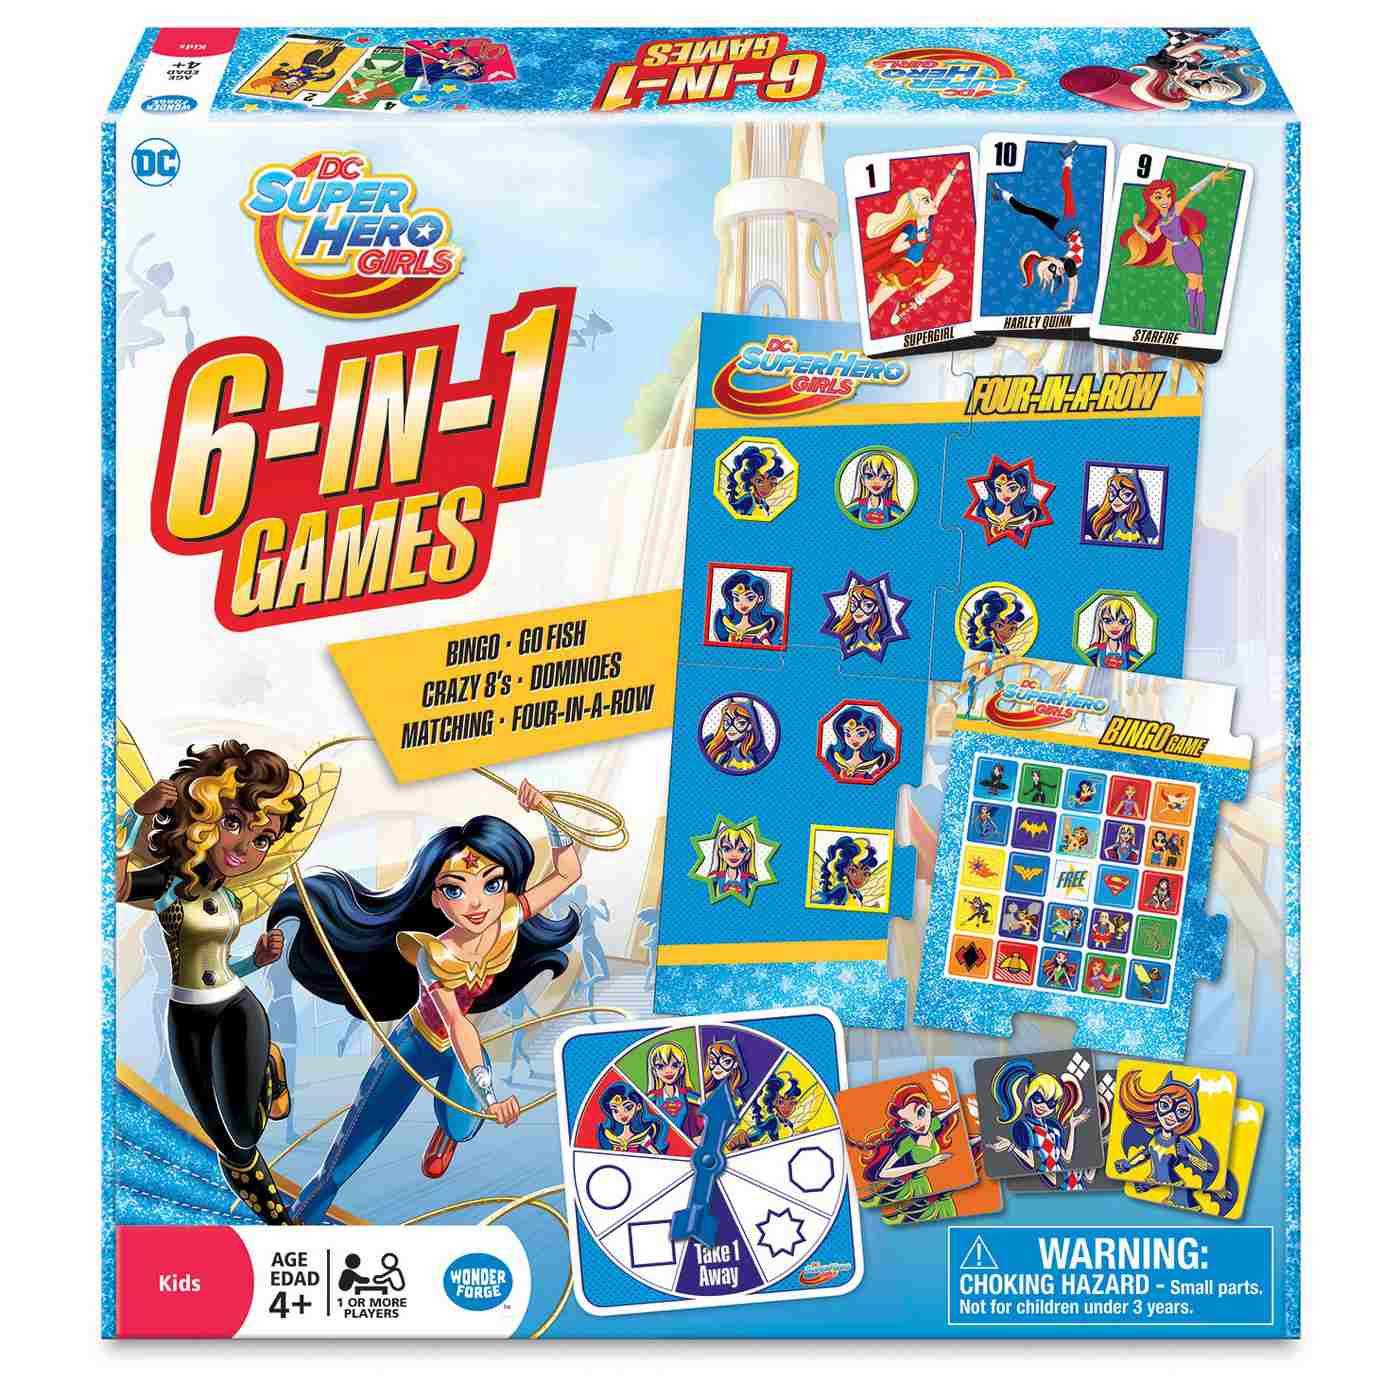 DC Super Hero Girls 6 in 1 Game Set